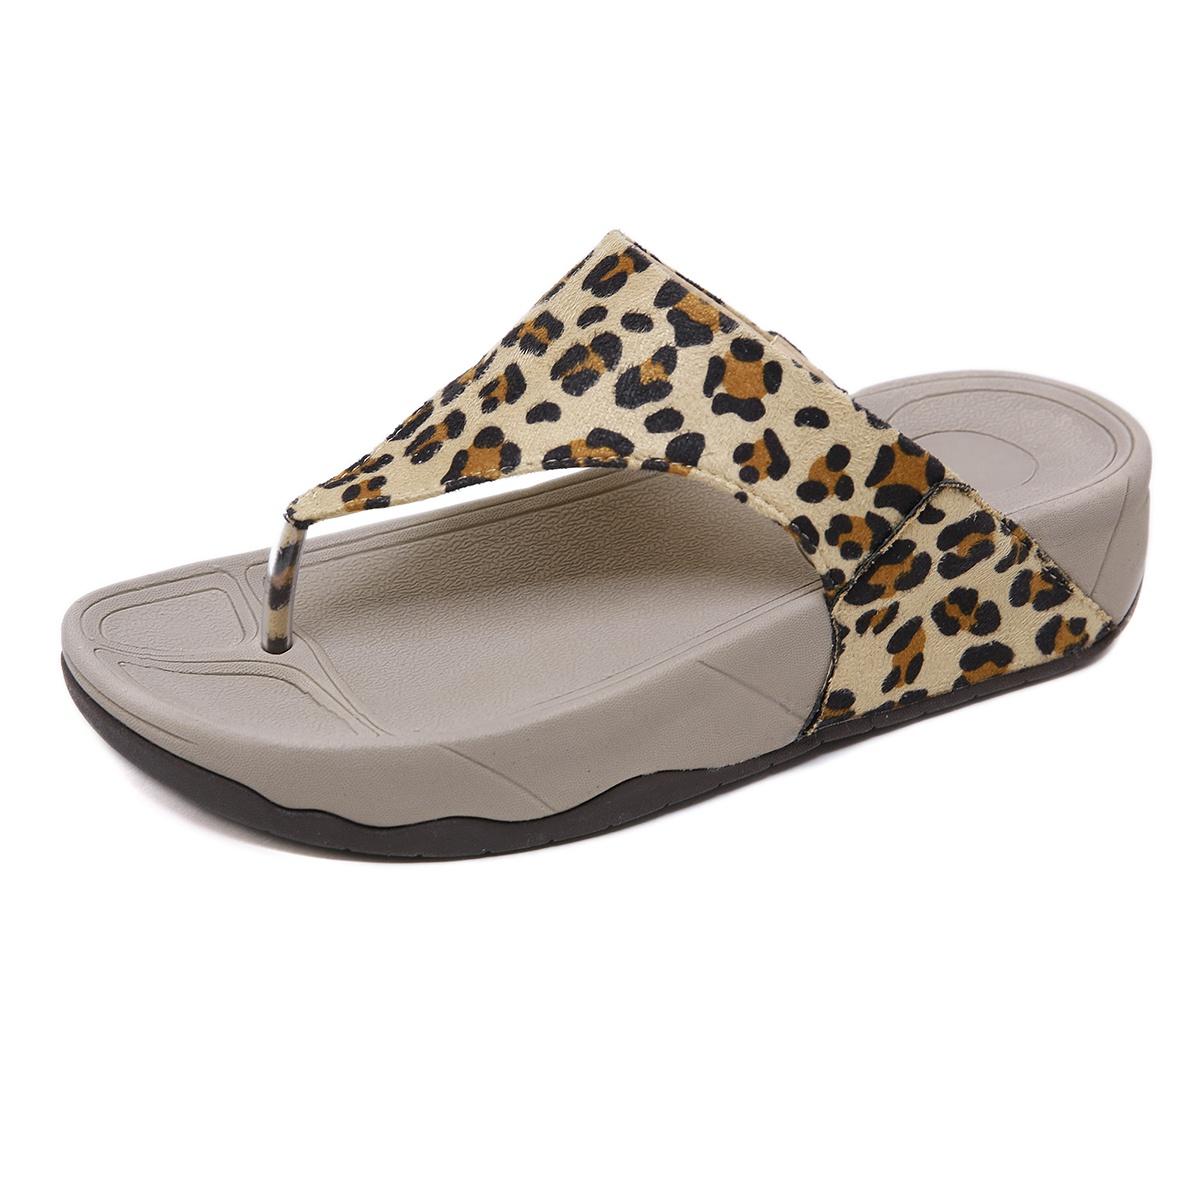 夏季豹纹坡跟鞋 夹脚拖鞋r女夏外穿百搭时尚沙滩海边坡跟厚底豹纹大码可泡水人字_推荐淘宝好看的女夏豹纹坡跟鞋